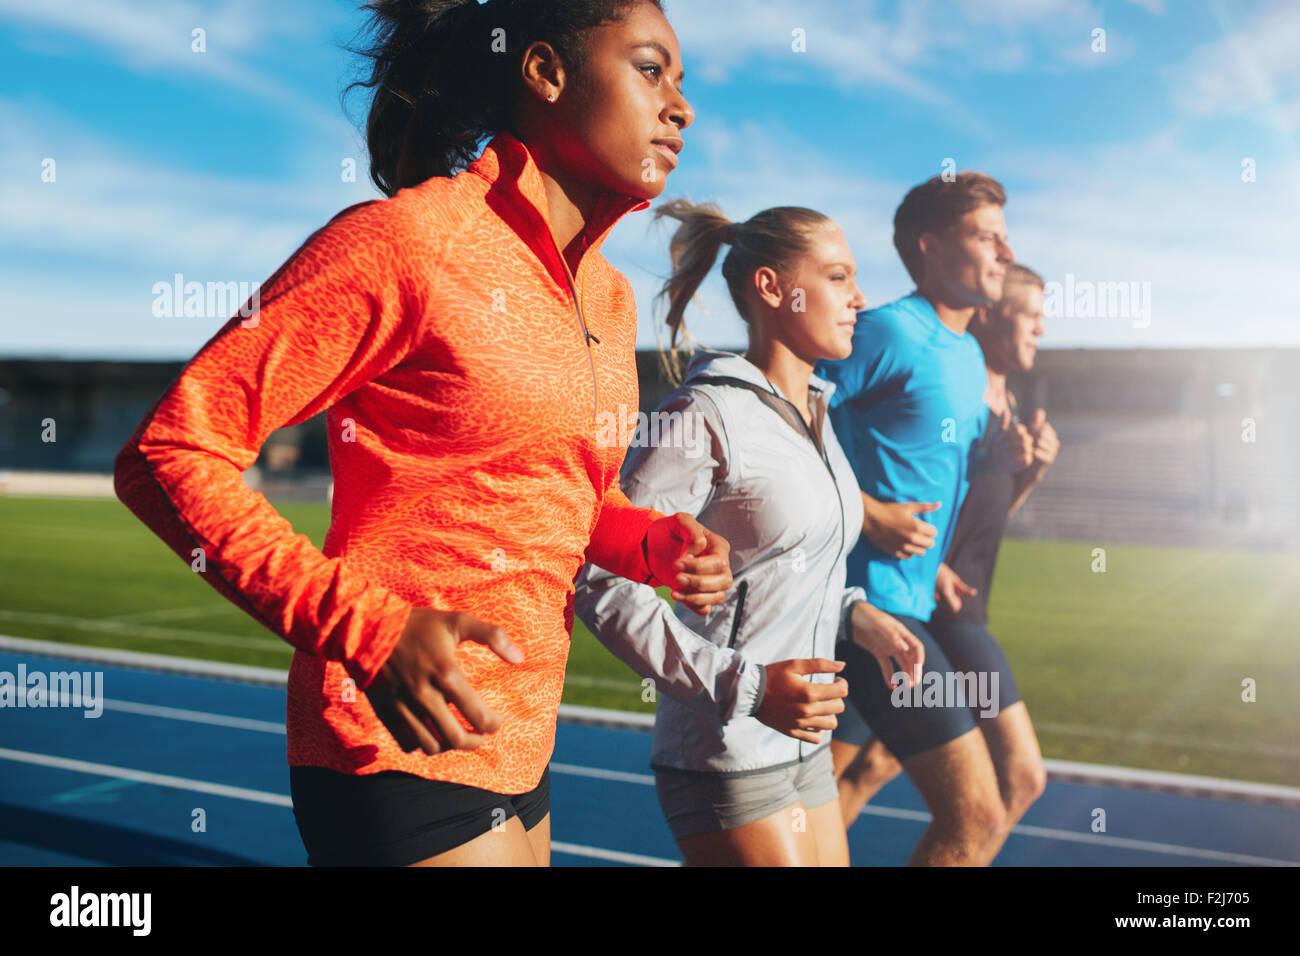 Joven africana corriendo con su equipo en la pista de atletismo en el estadio. Equipo multirracial de corredor que Imagen De Stock